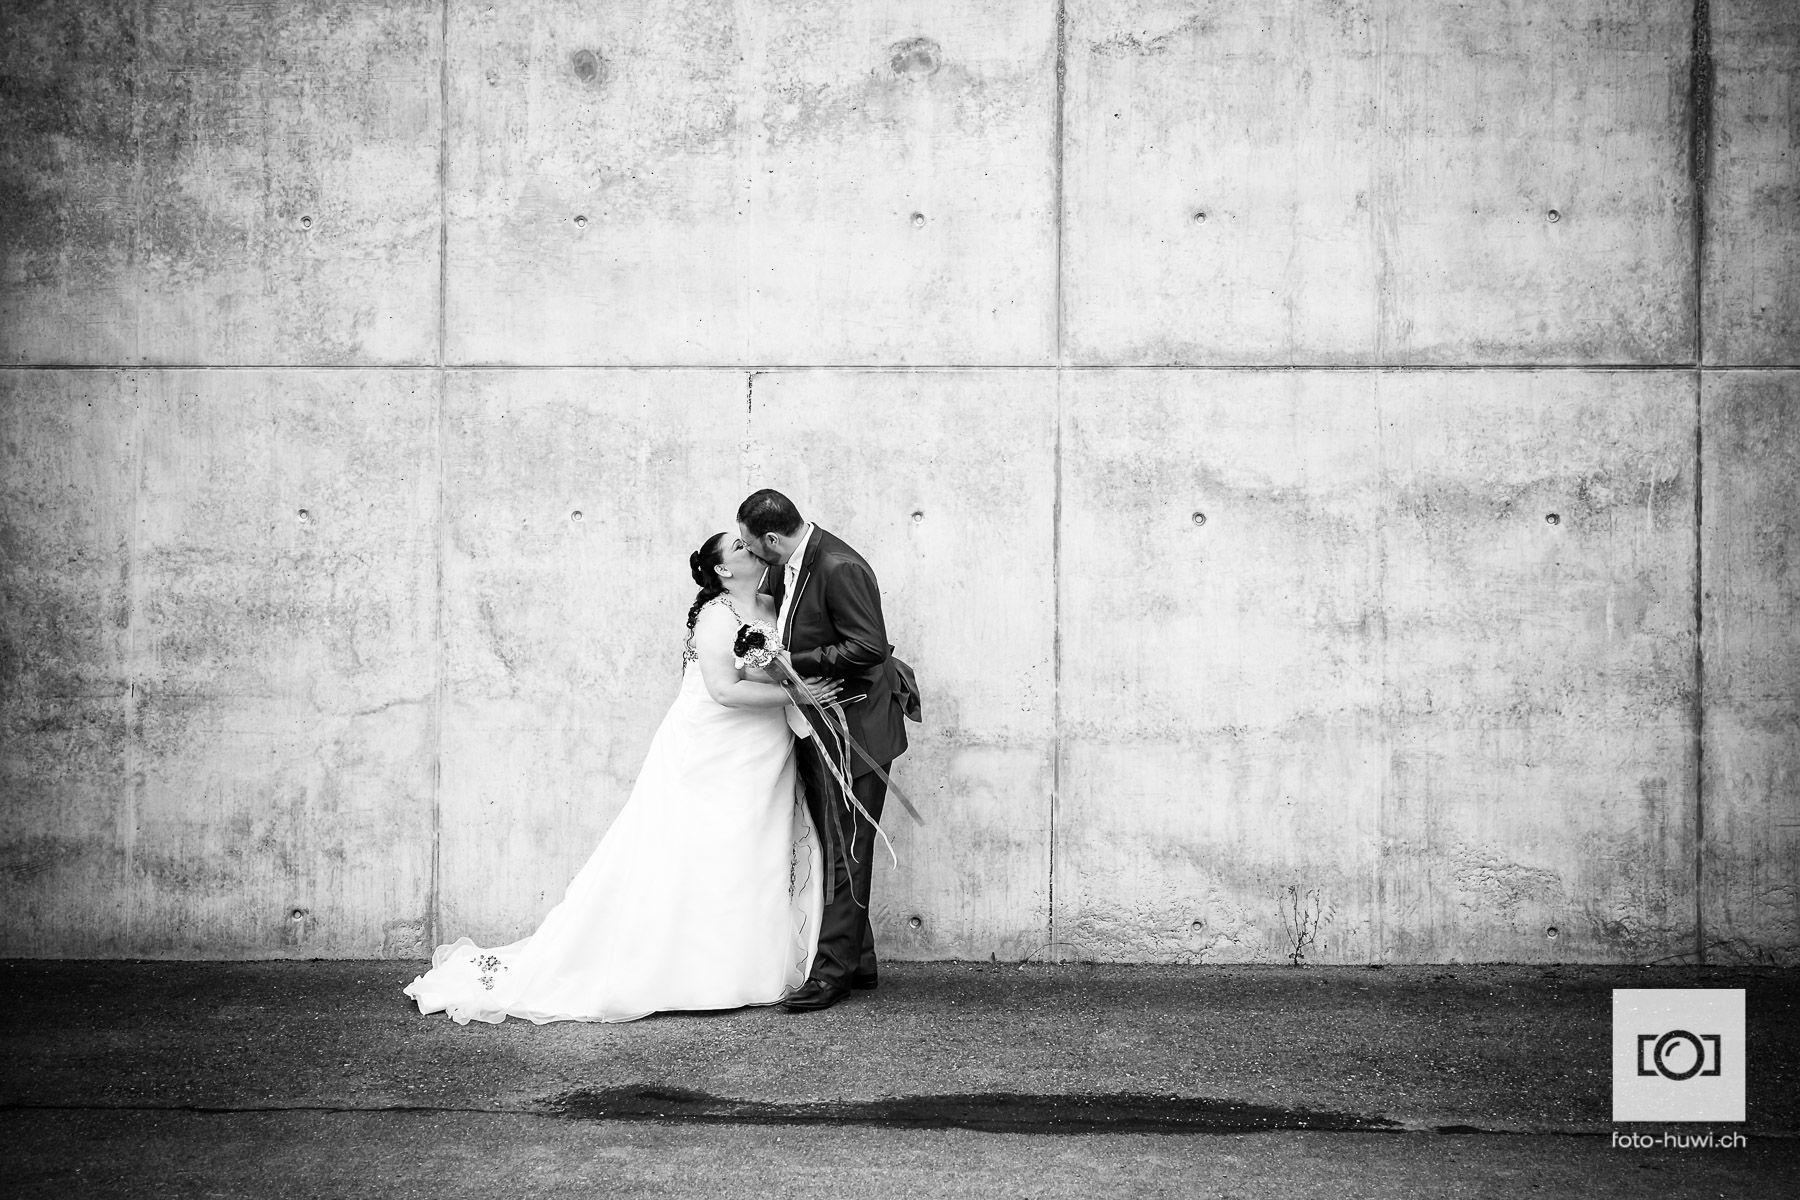 Maria und Vincenzo - Matrimonio tipico italiano - http://foto-huwi.ch/2016/06/30/maria-und-vincenzo-matrimonio-tipico-italiano/